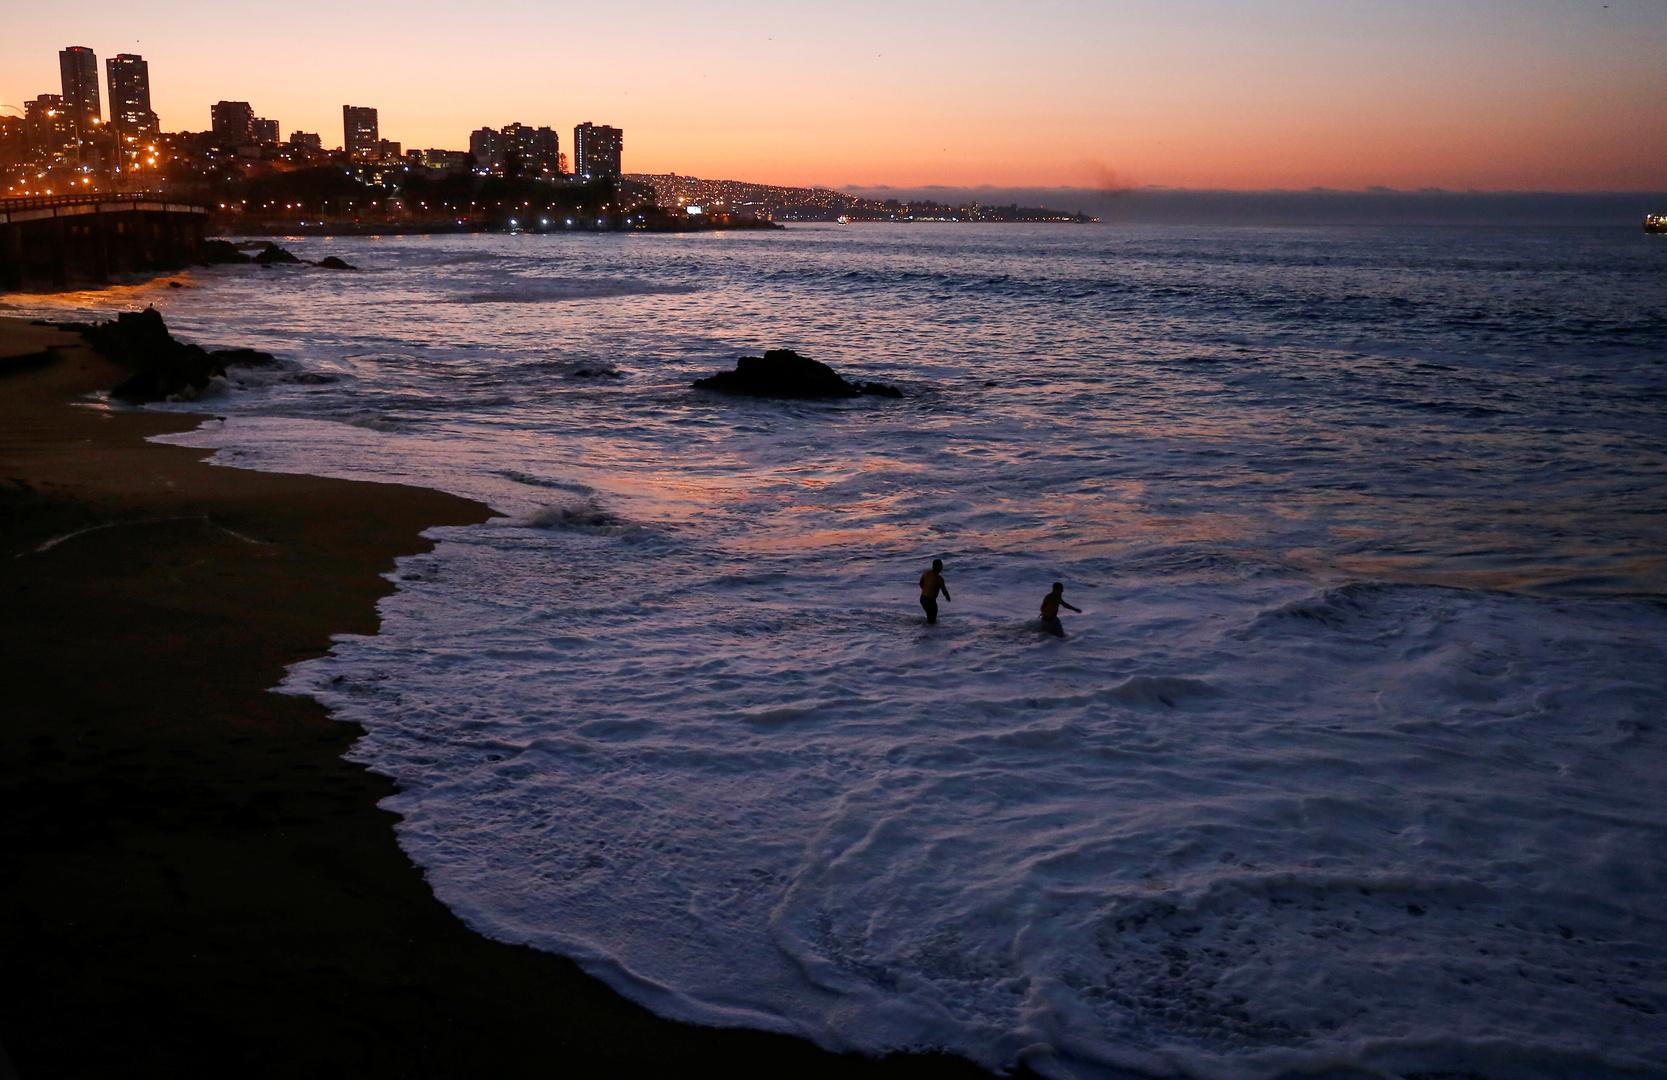 ساحل تشيلي، صورة تعبيرية من الأرشيف